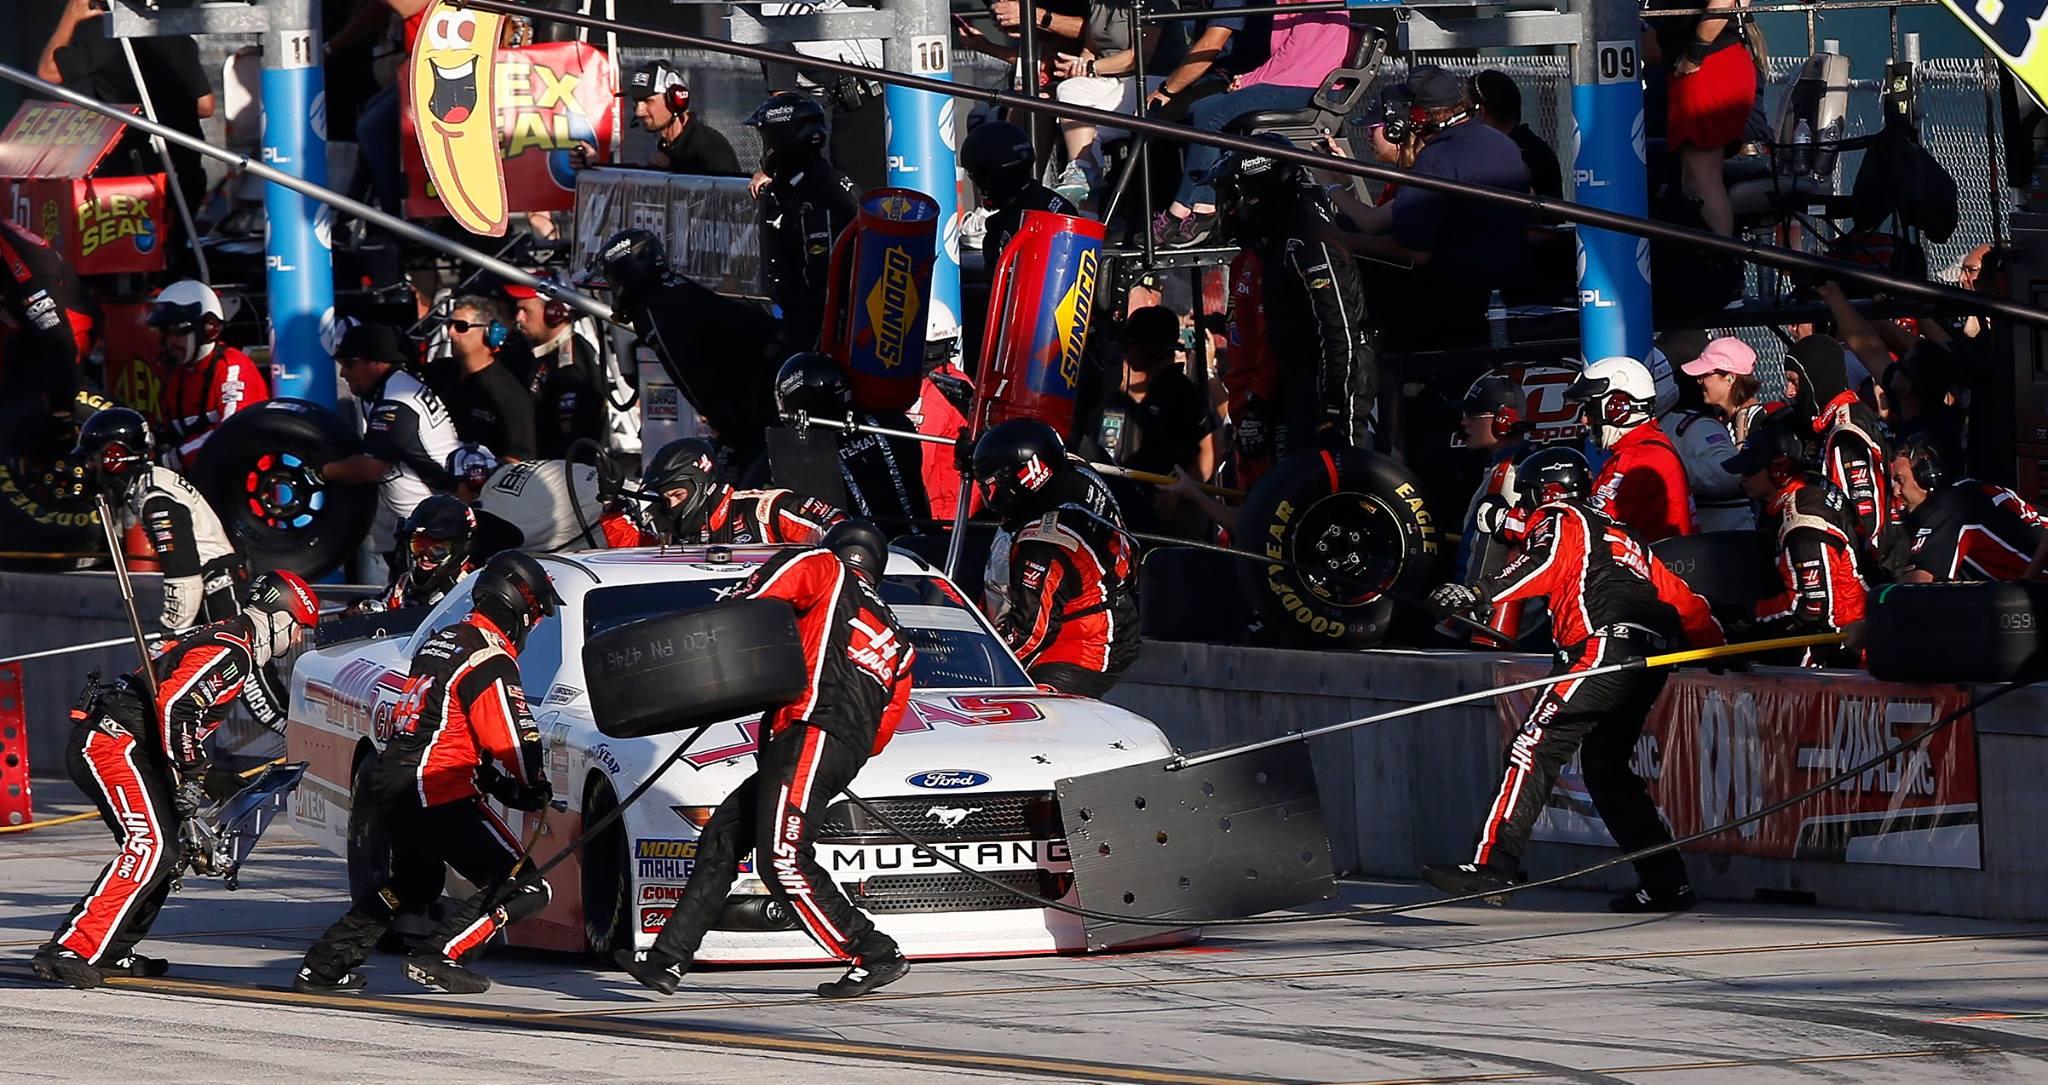 Stewart-Haas Racing NASCAR Xfinity Series team